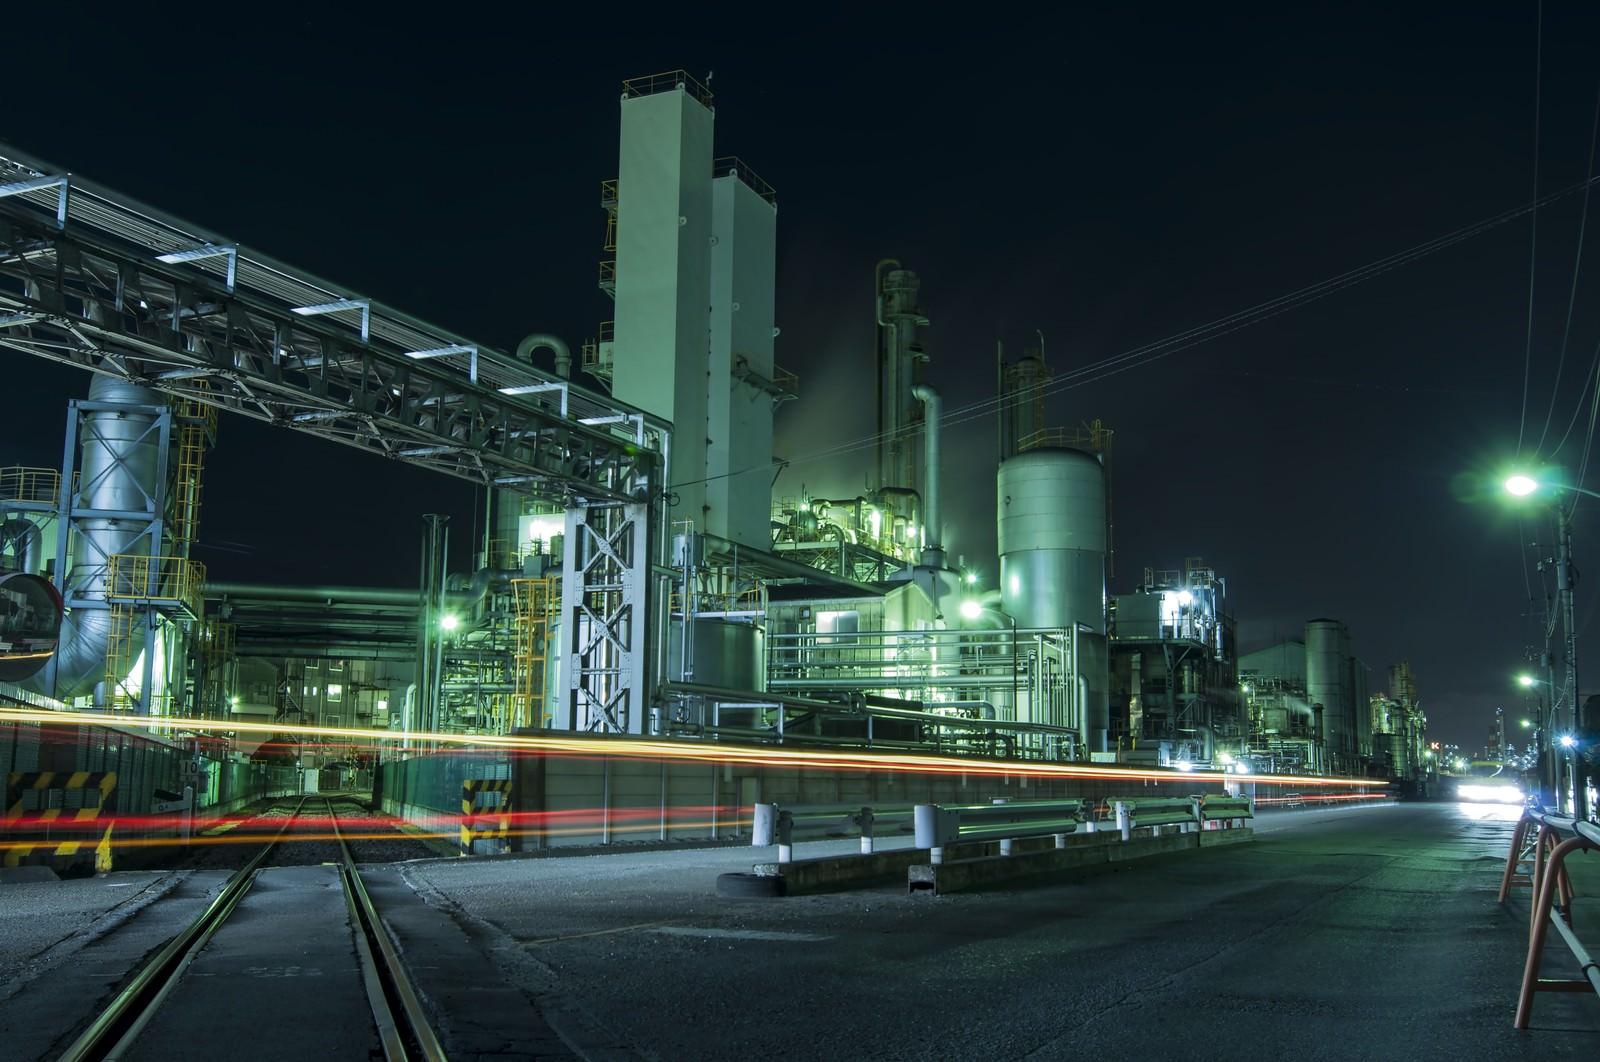 「光が溢れる夜の工場光が溢れる夜の工場」のフリー写真素材を拡大